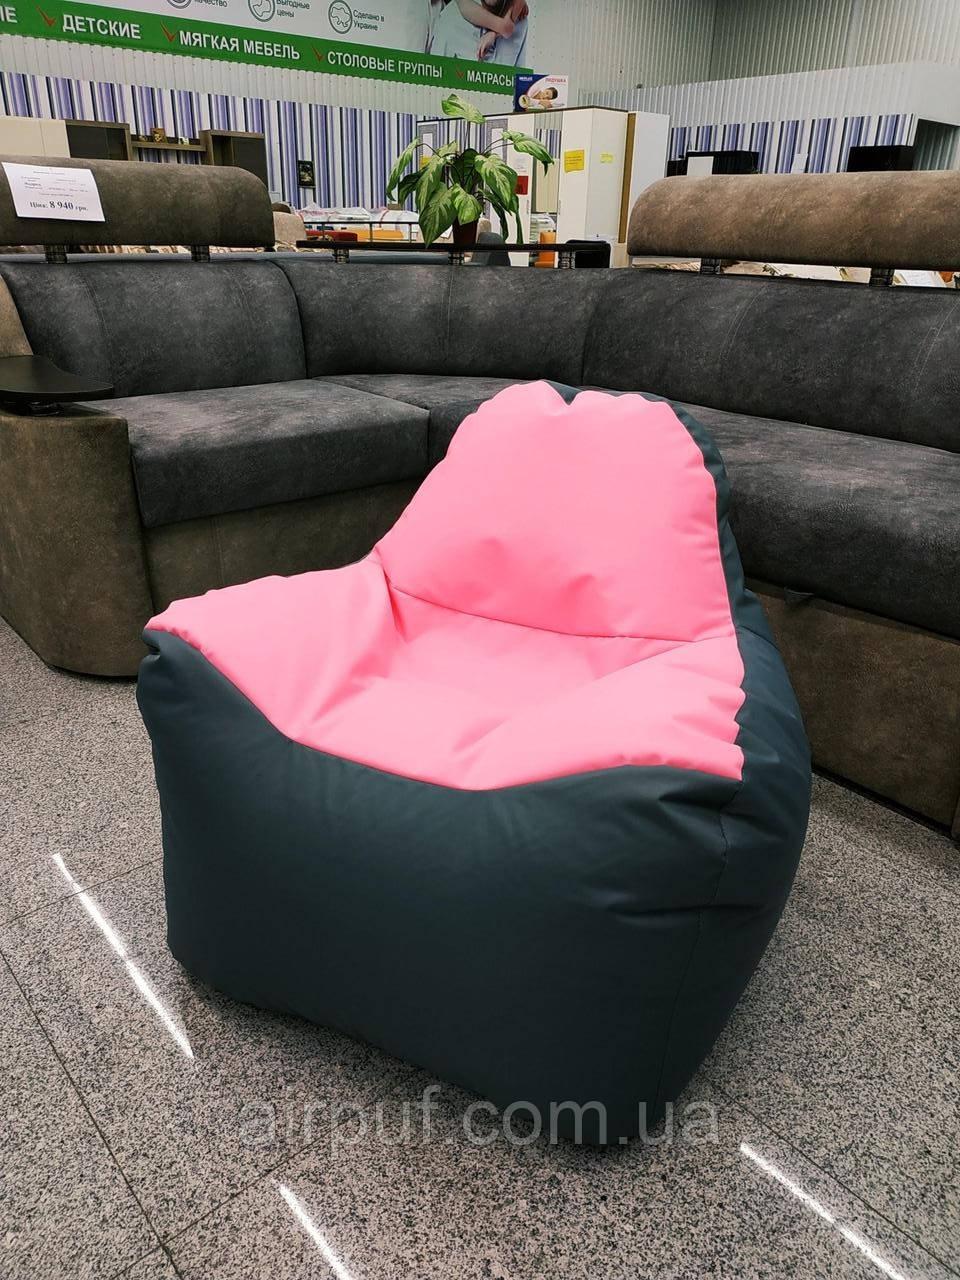 """Кресло-мешок """"Пирамида"""" (ткань Оксфорд), размер 90*80 см"""